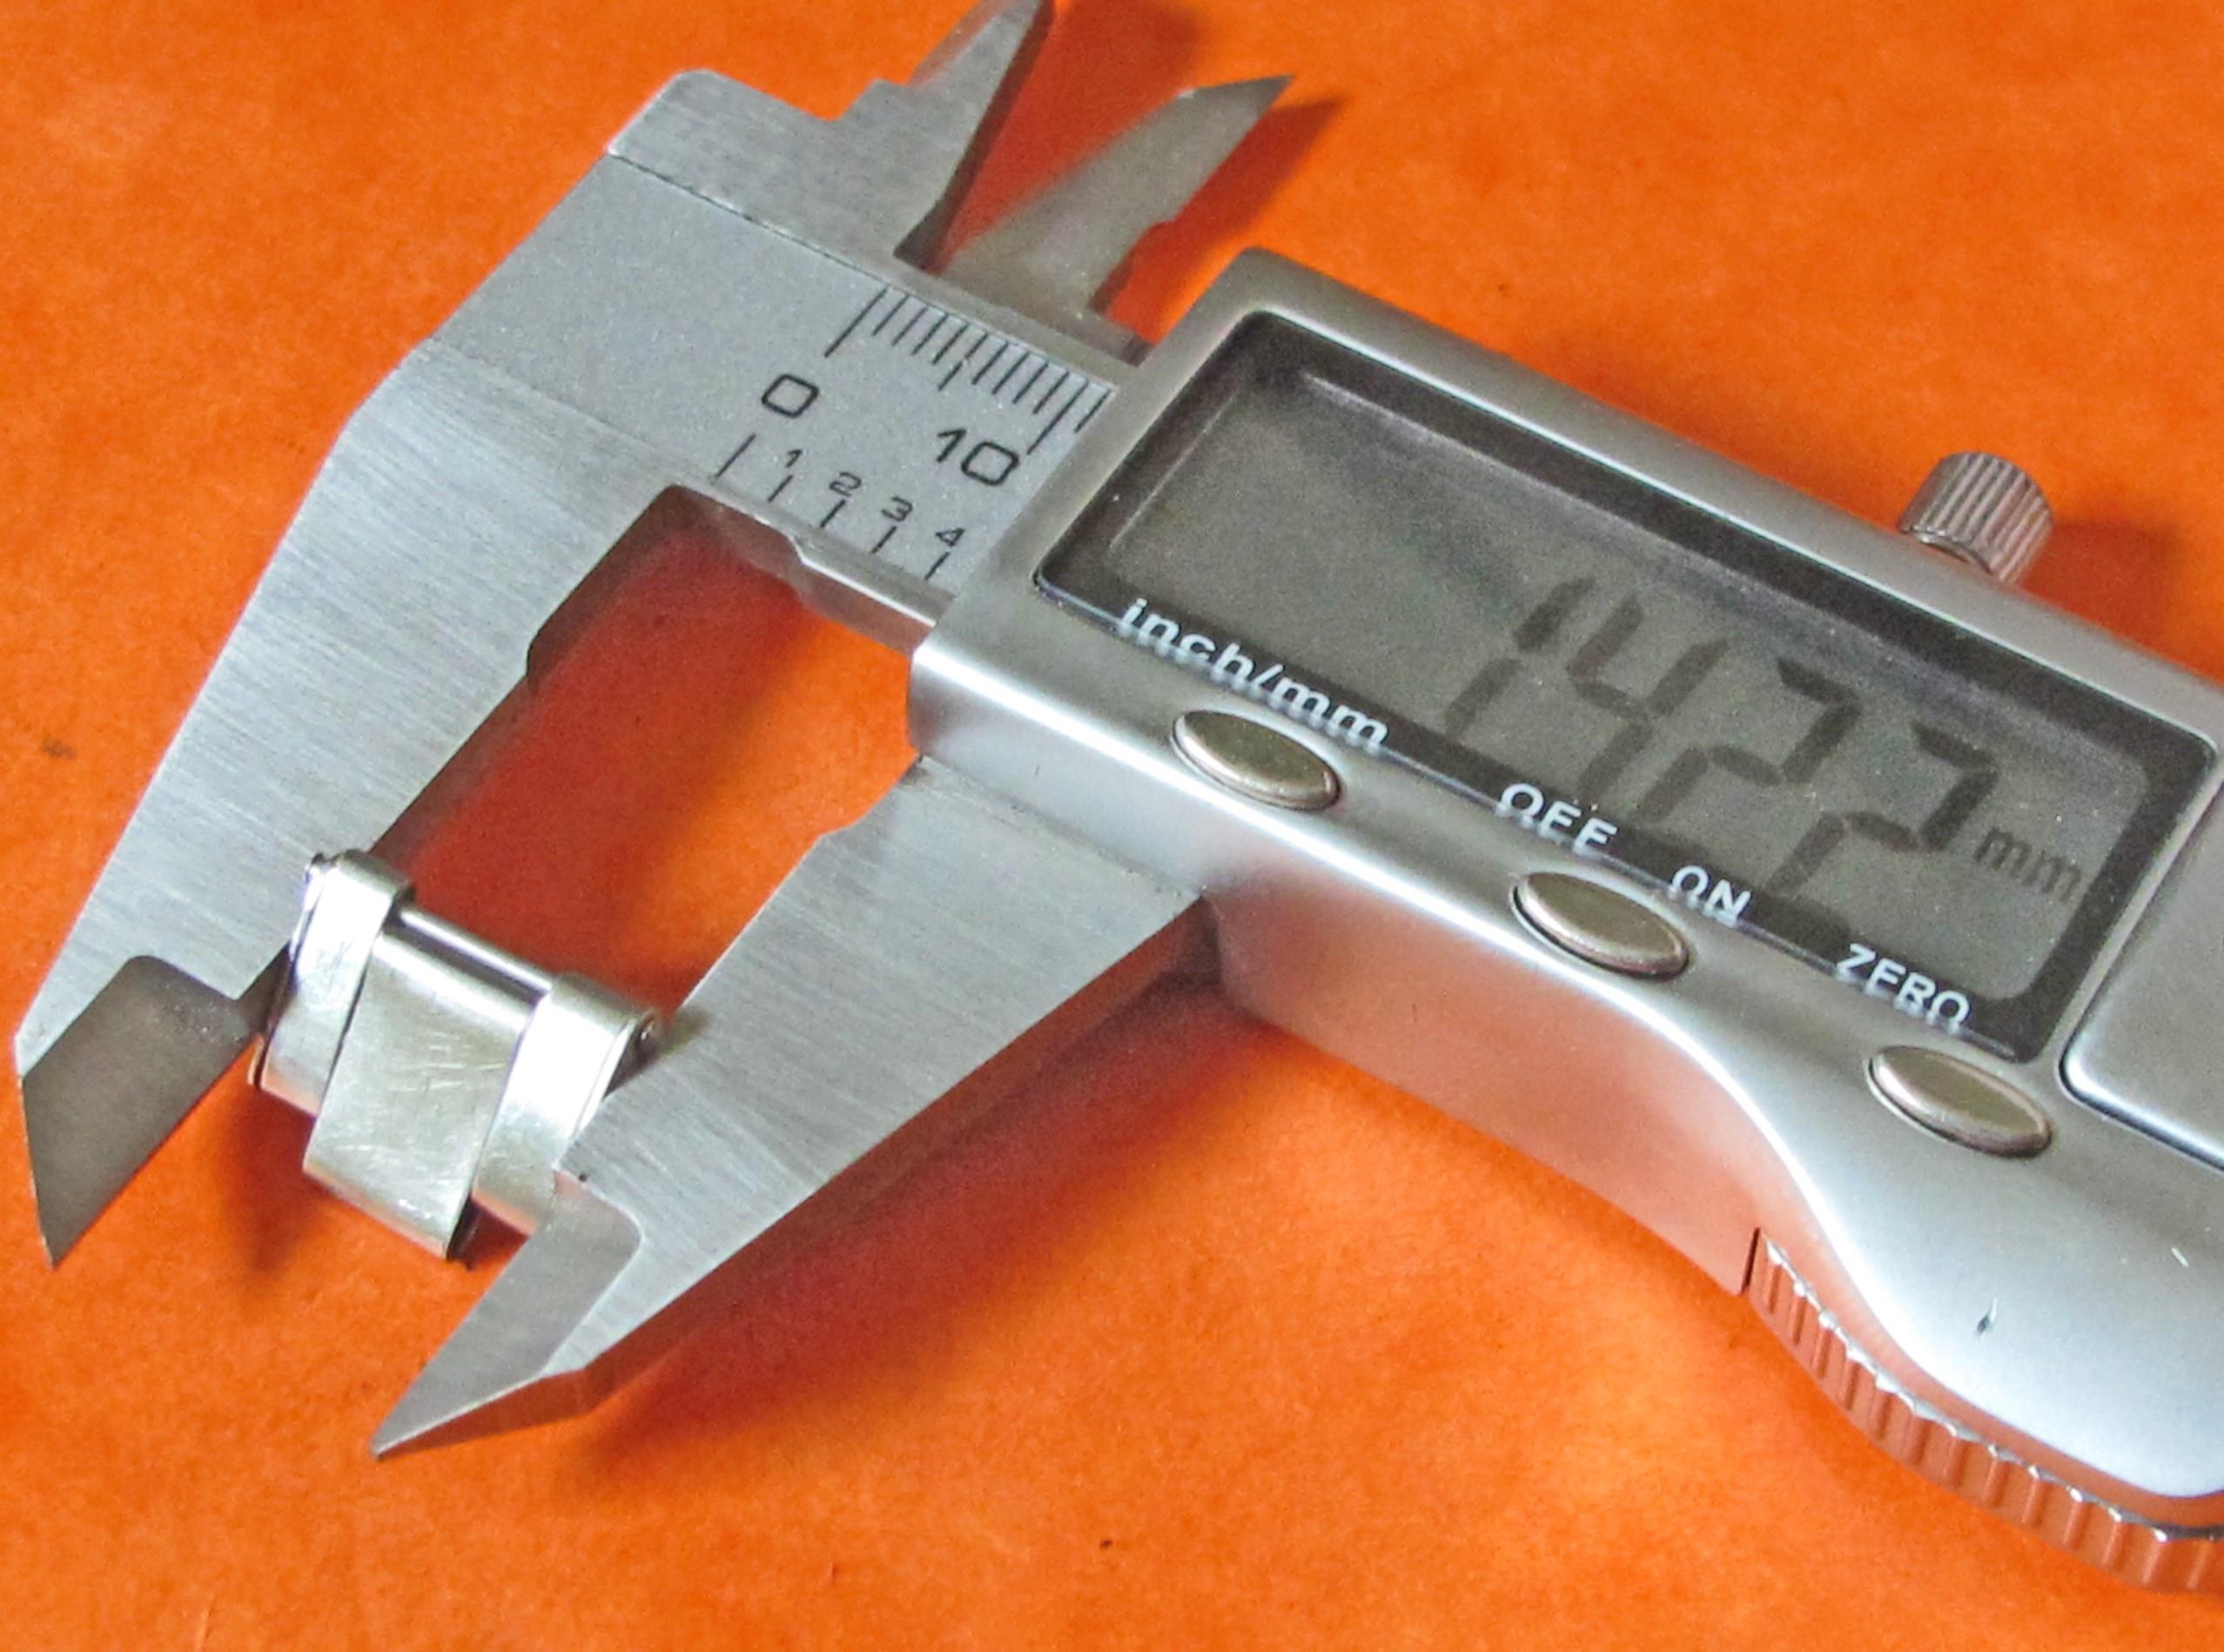 1 x RIVET RIVETED EXTENSION BRACELET LINK  ROLEX  TUDOR VINTAGE 14.22mm